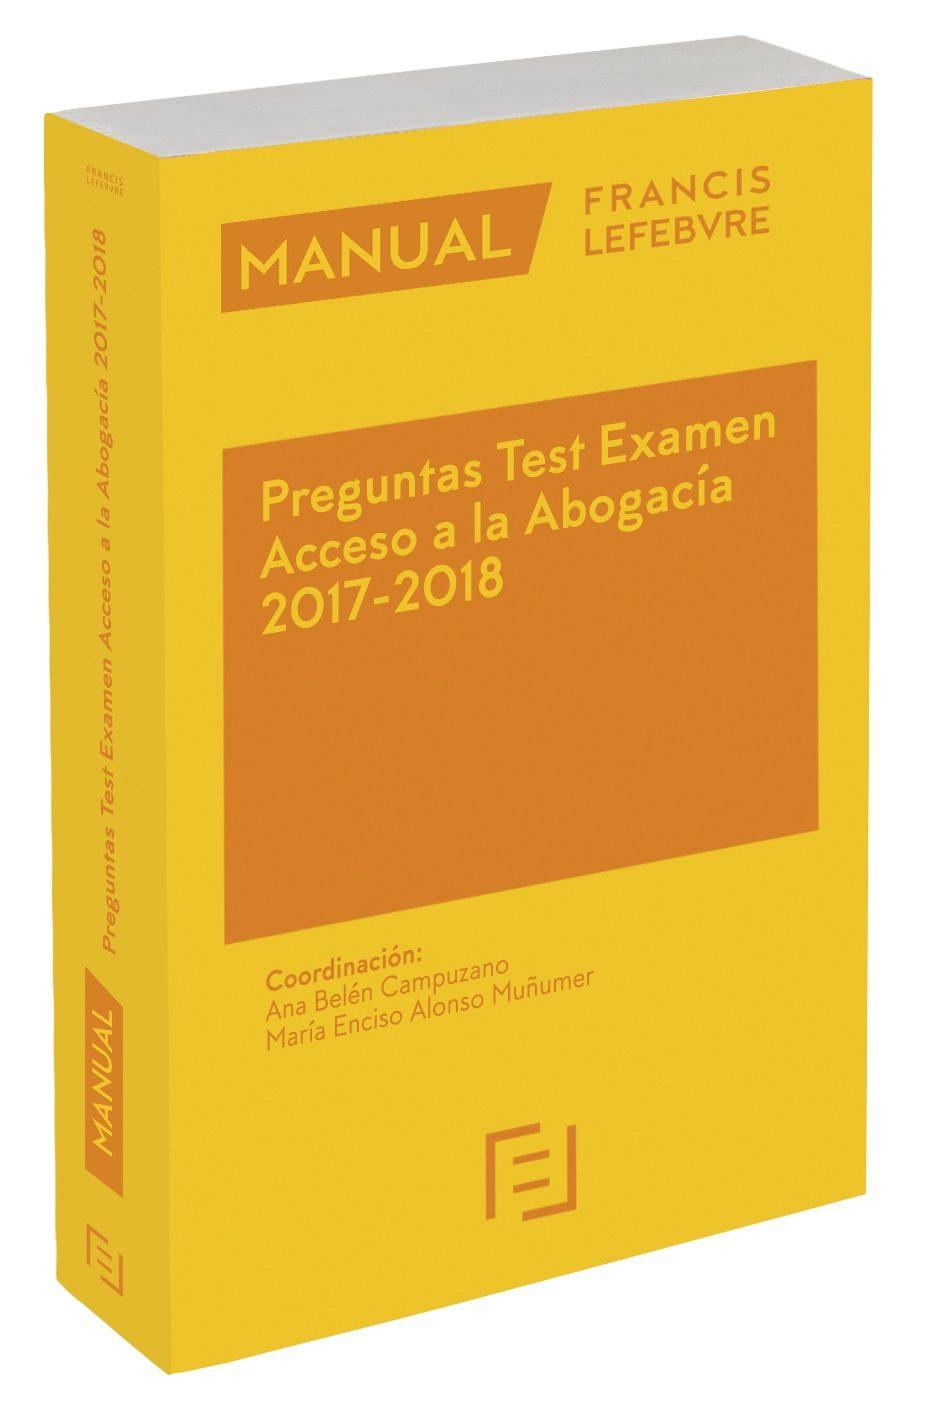 Manual Preguntas Test Examen Acceso A La Abogacía 2017-2018 por Vv.aa.